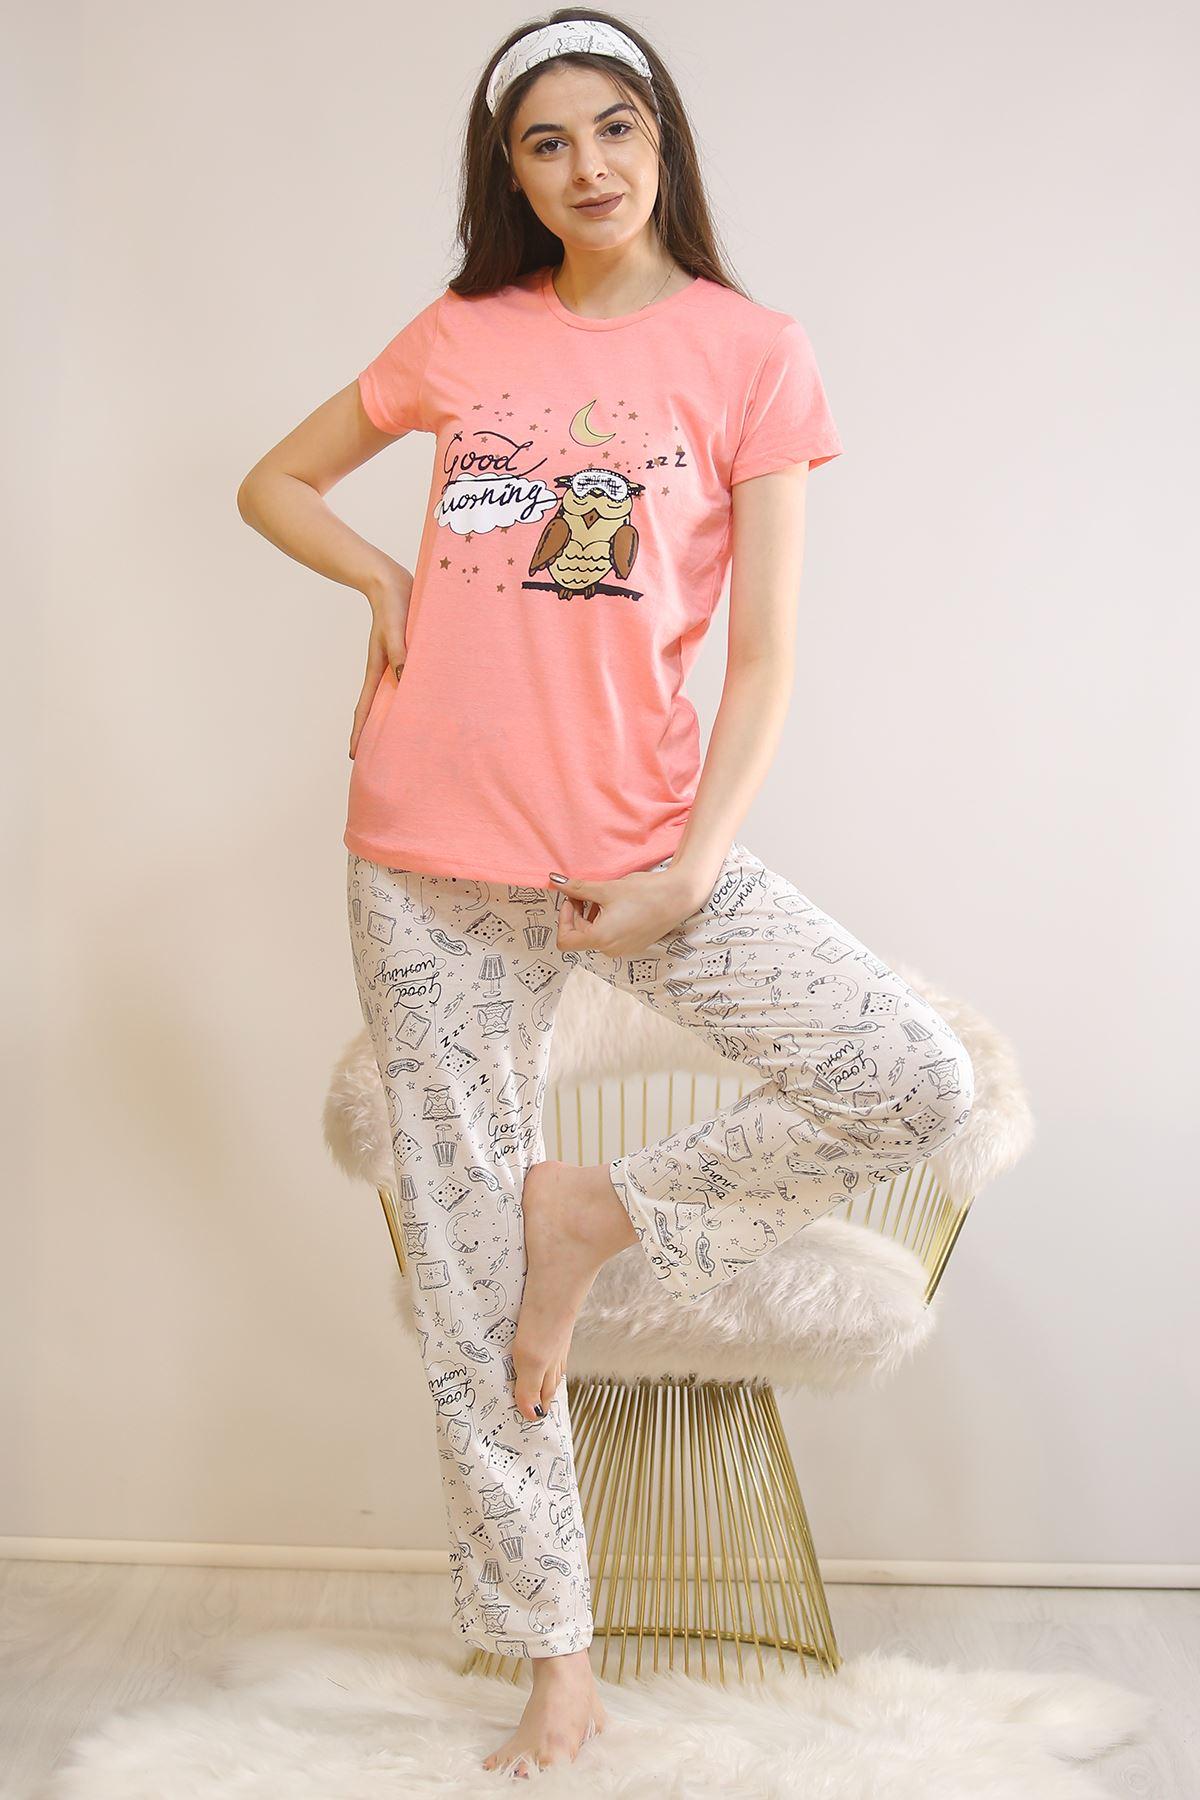 Baskılı Pijama Takımı Pembe - 21445.1059.